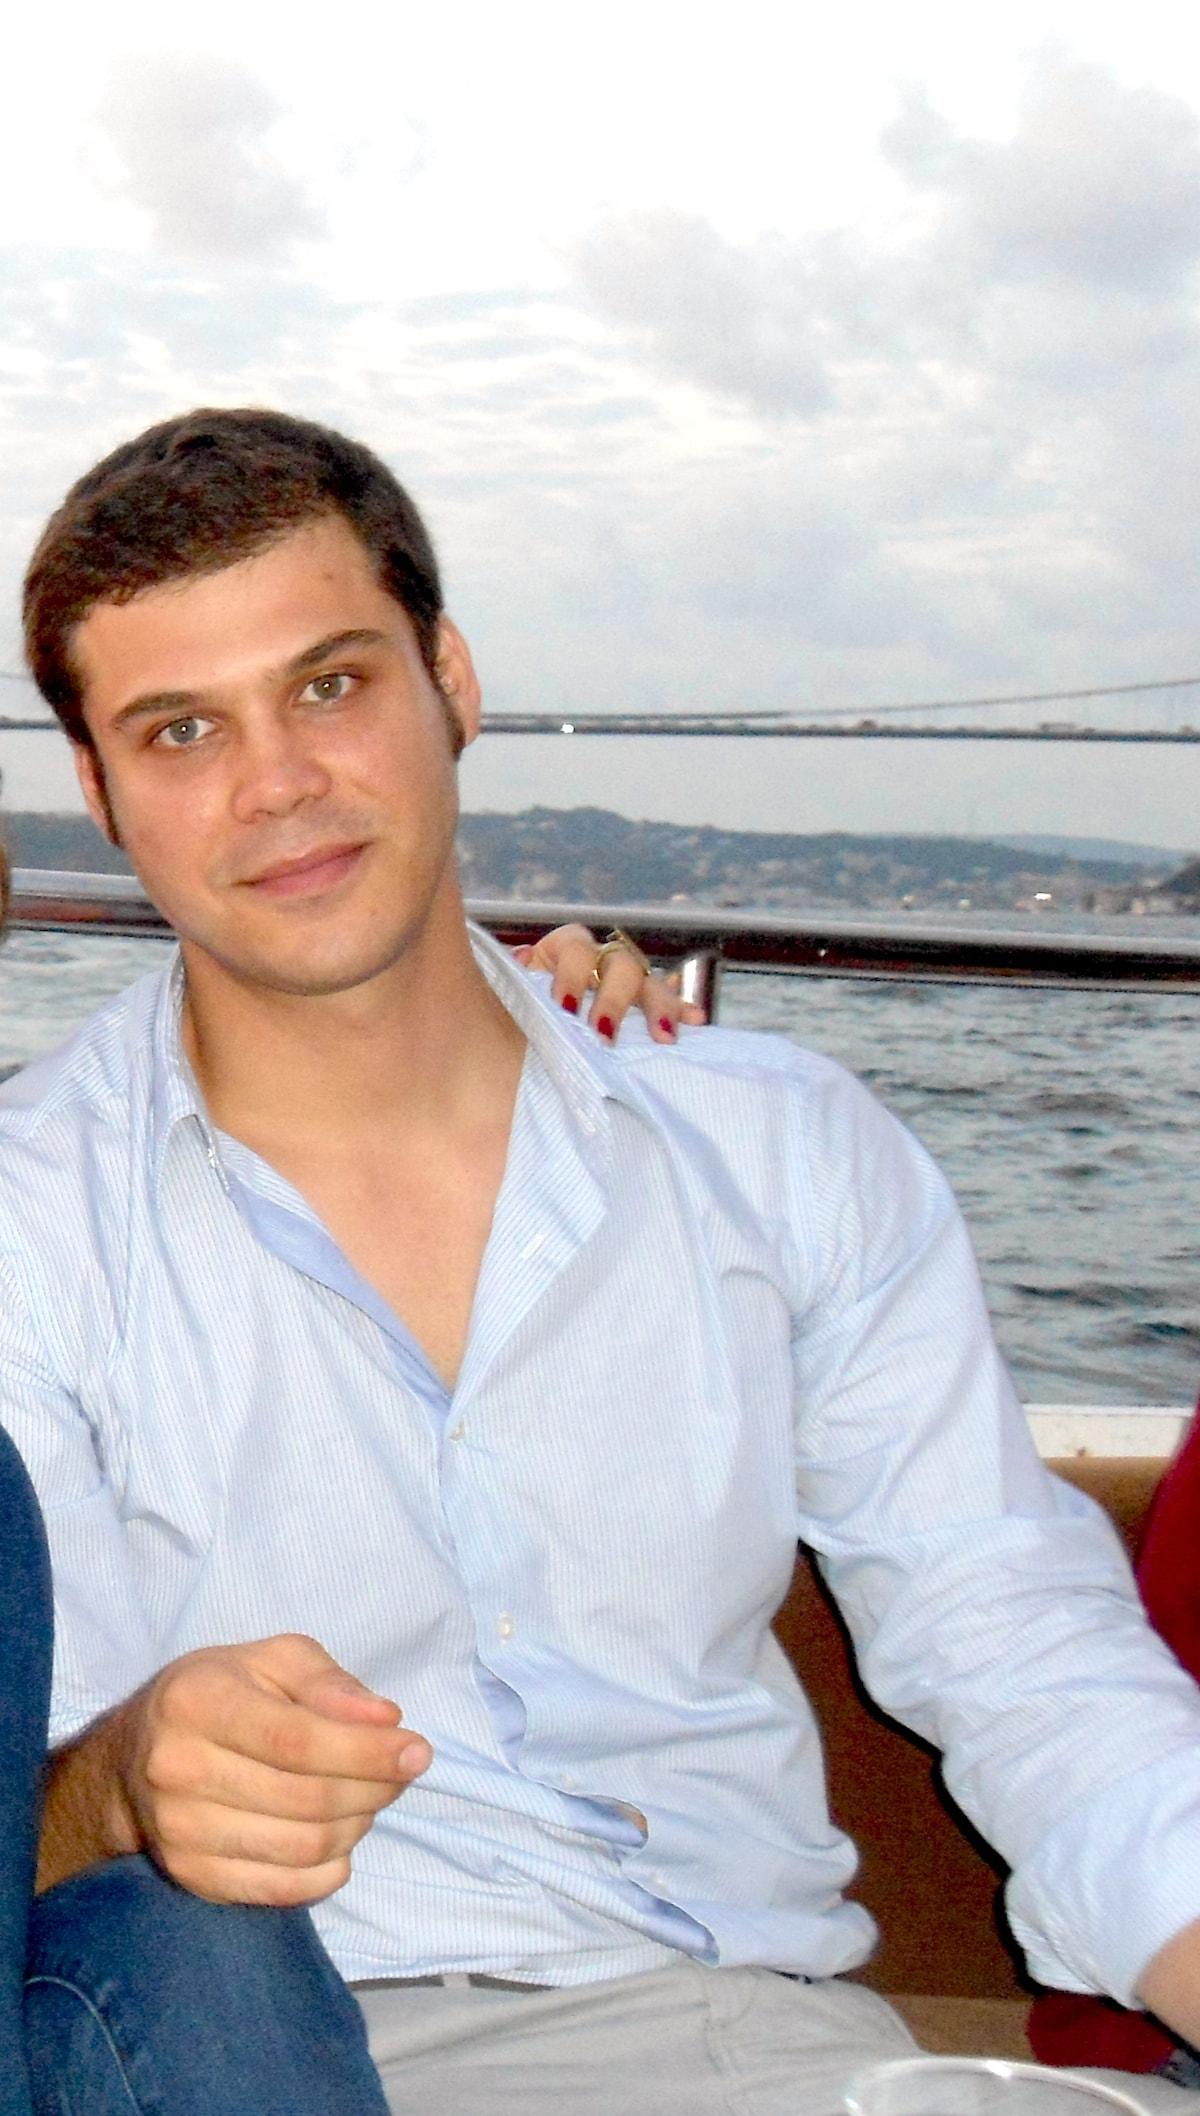 Kivanc From Istanbul, Turkey